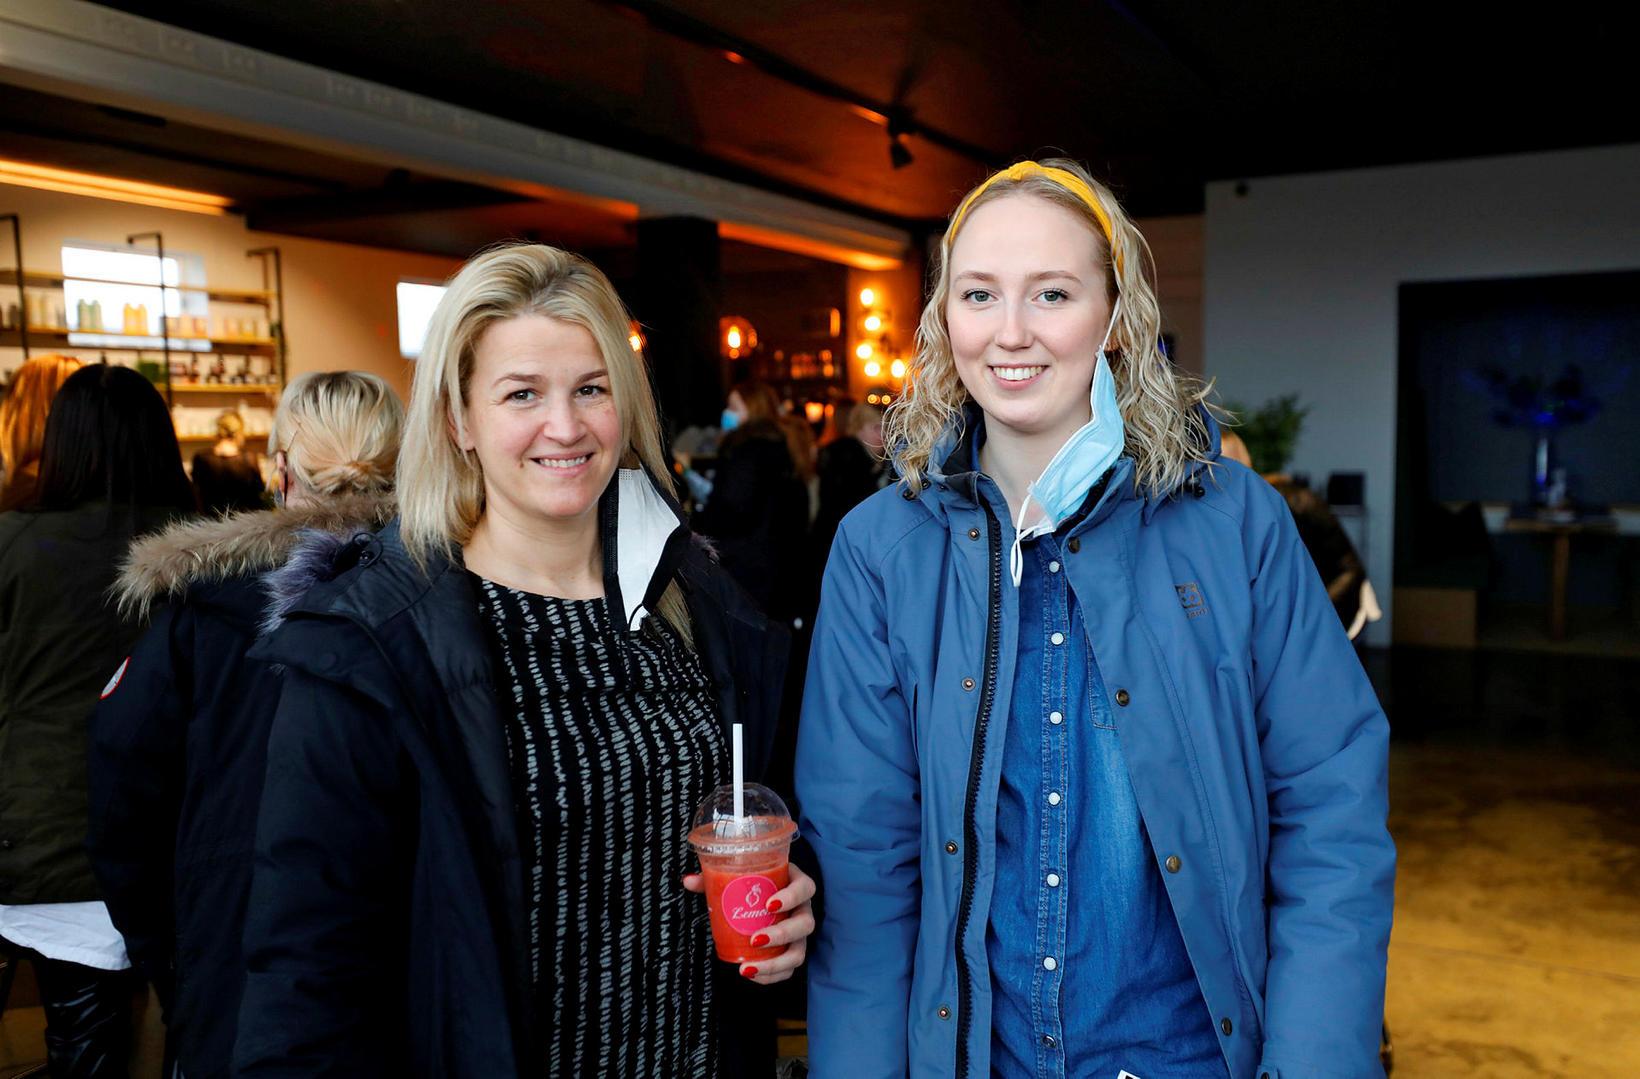 Sólrún Ársælsdóttir og Laufey Guðrún Vilhjálmsdóttir.